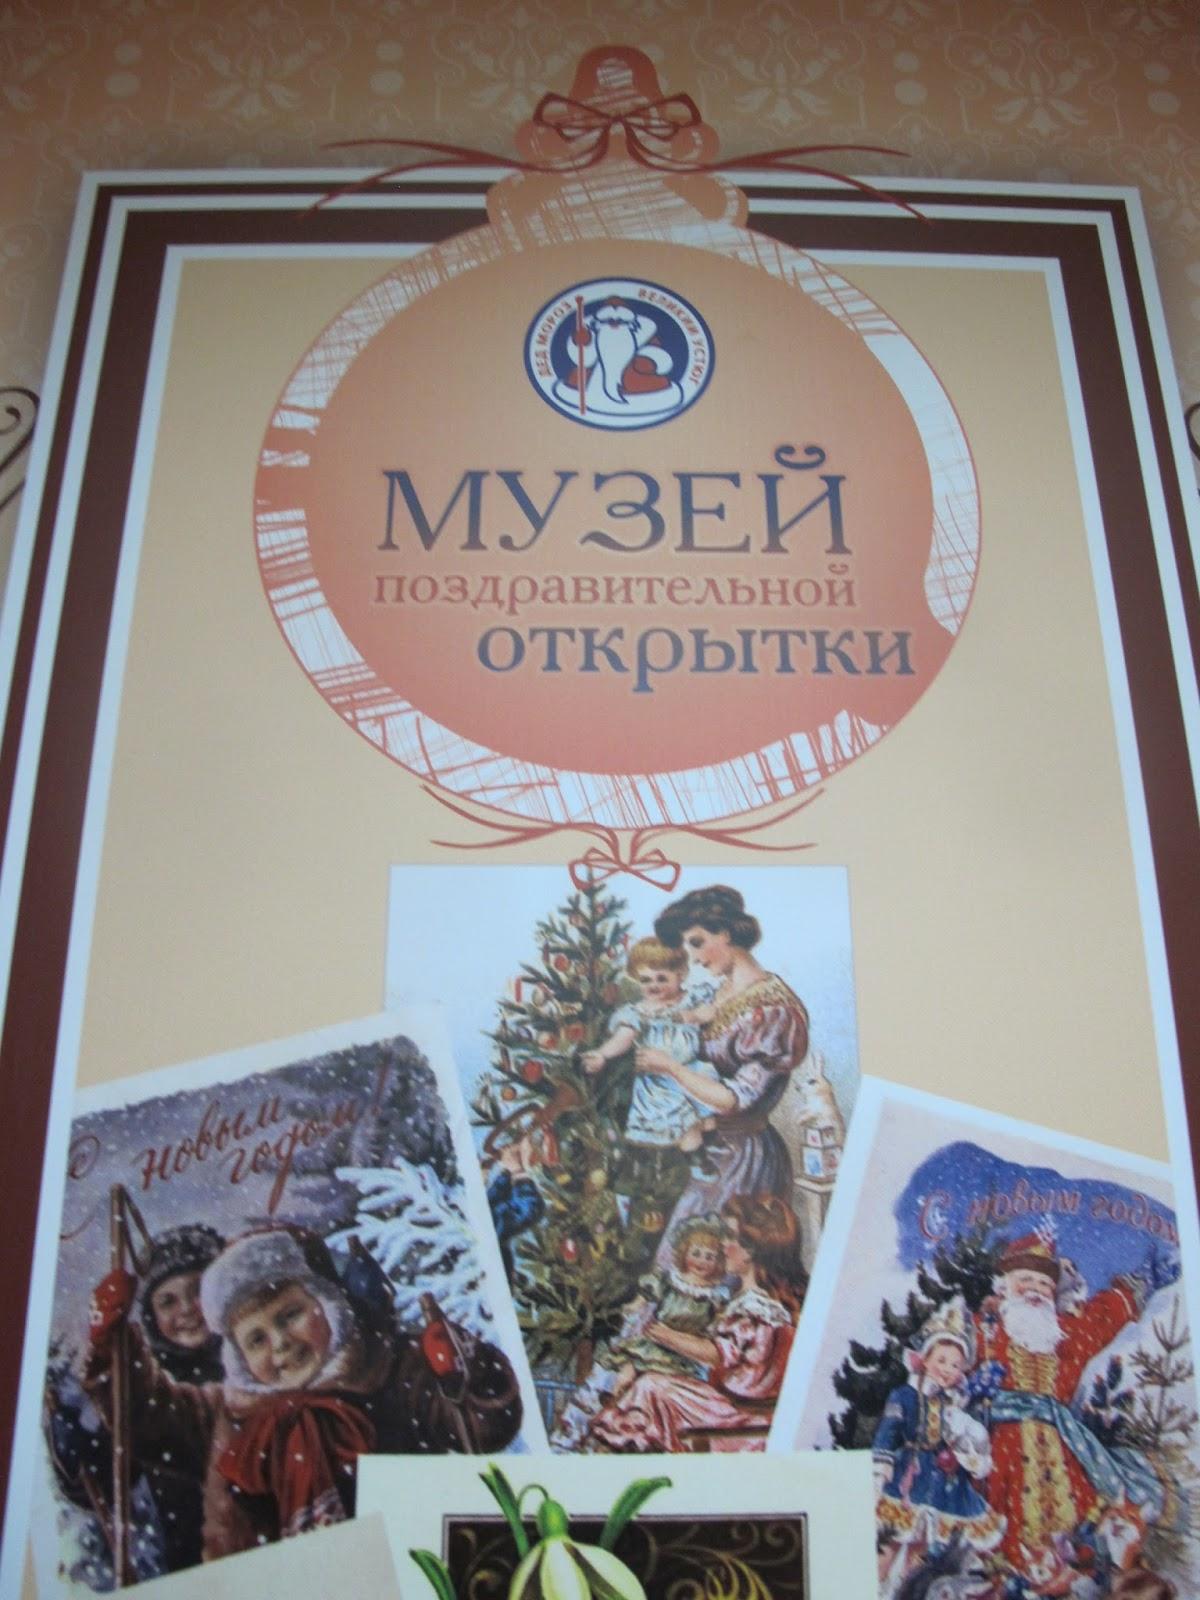 Музей новогодней открытки в великом устюге официальный сайт